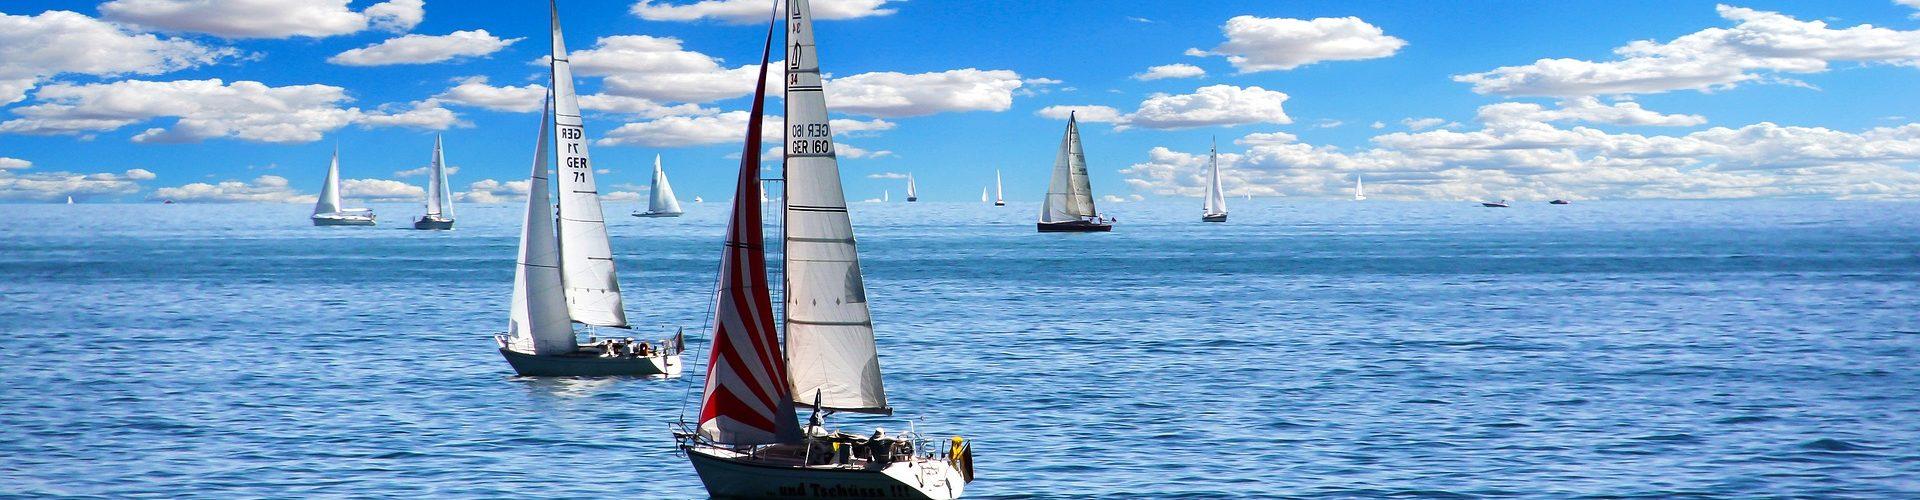 segeln lernen in Eckernförde segelschein machen in Eckernförde 1920x500 - Segeln lernen in Eckernförde